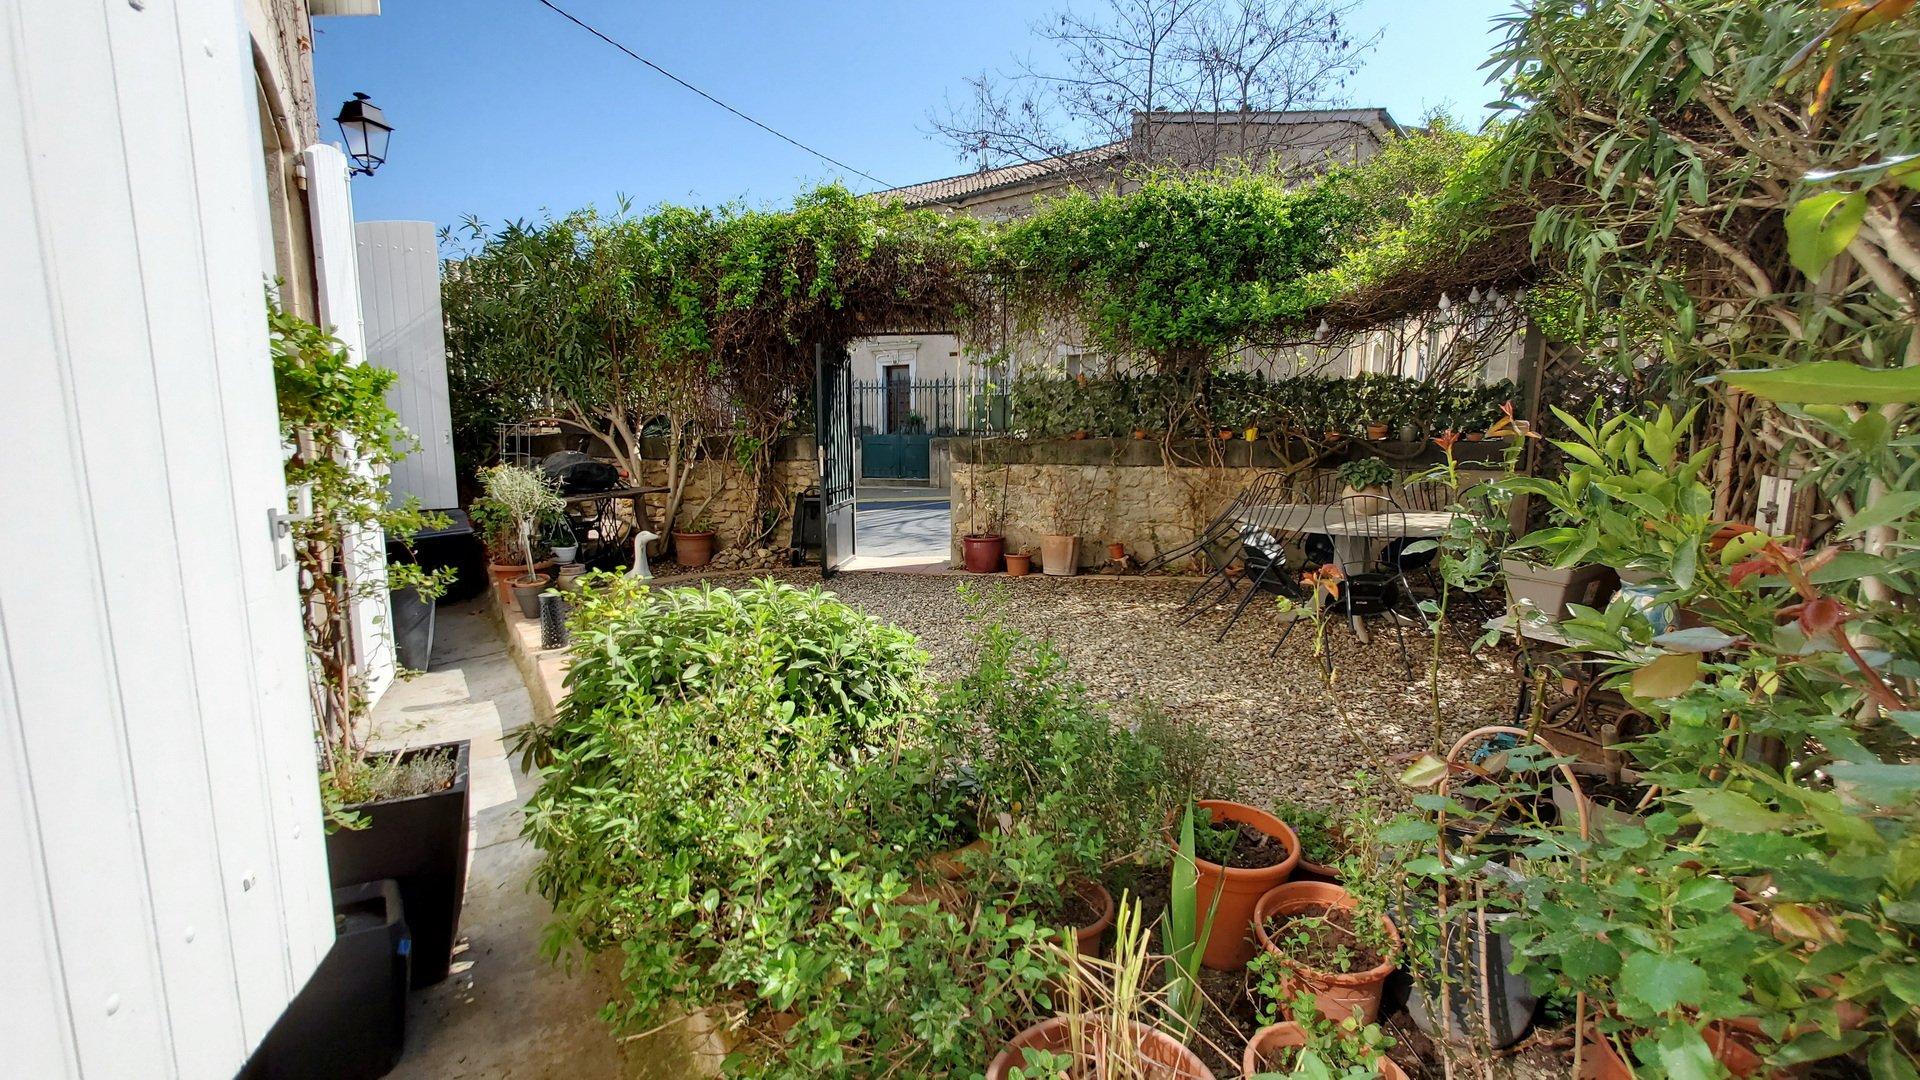 Urcharmigt byhus med en liten trädgård